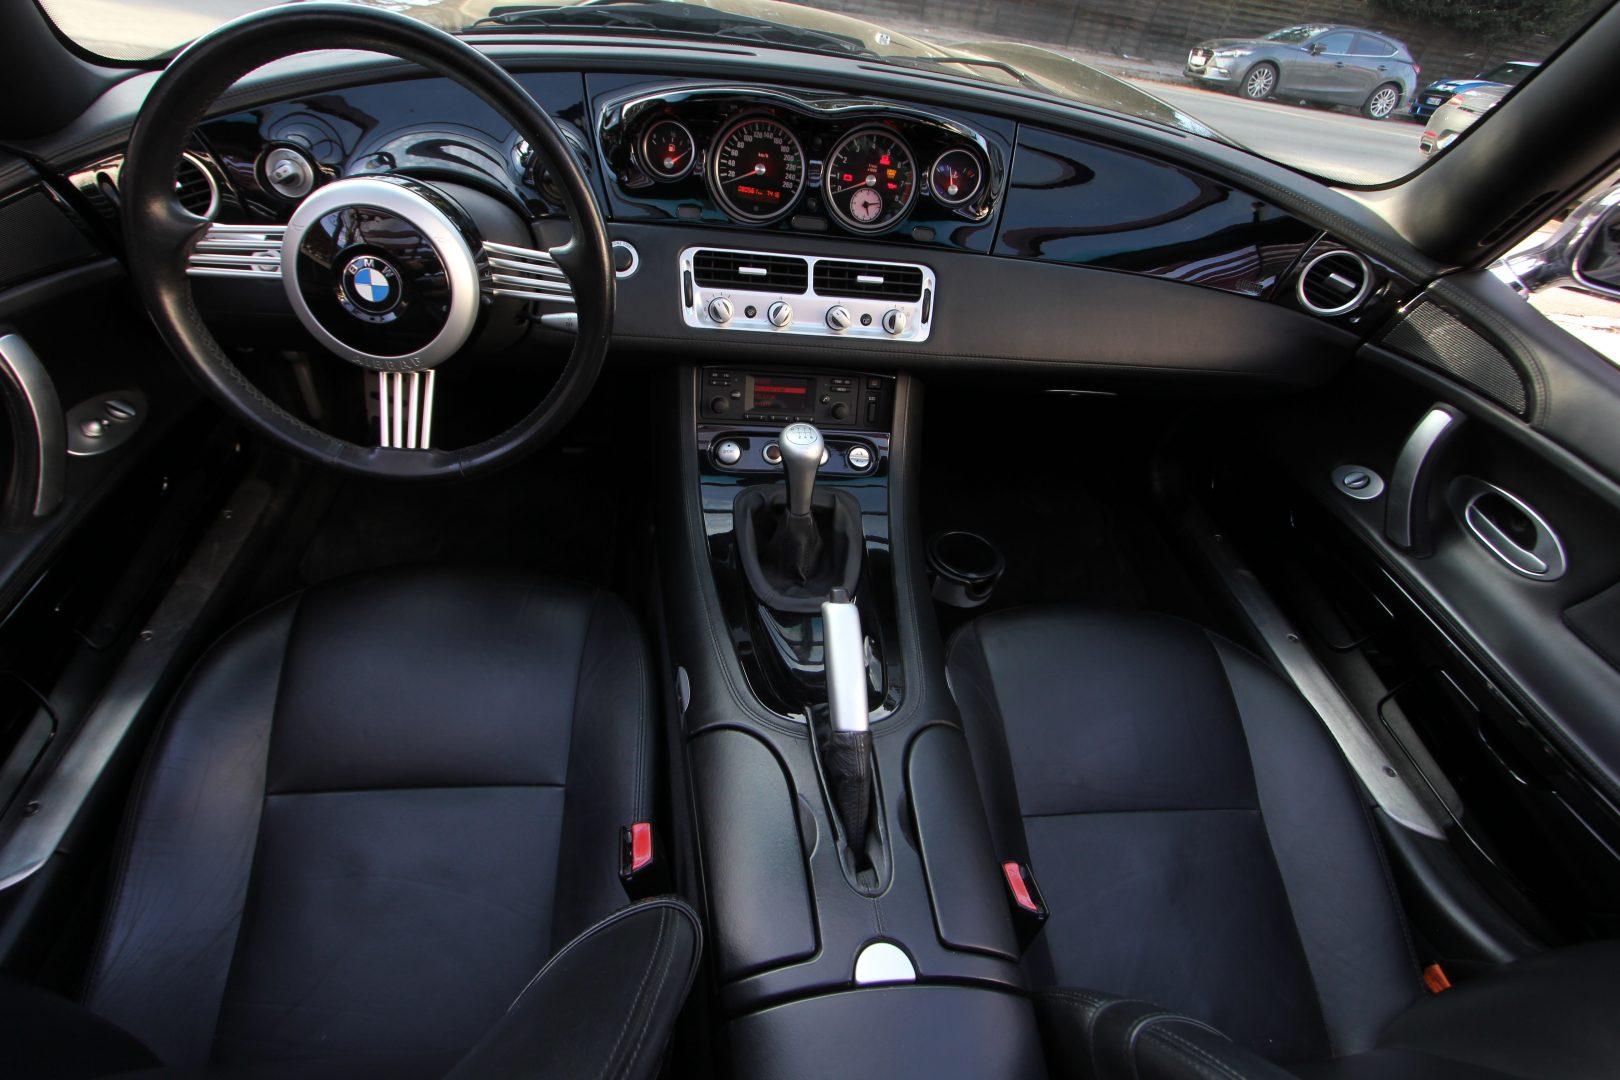 AIL BMW Z8 Performance Paket 5.0 V8 6